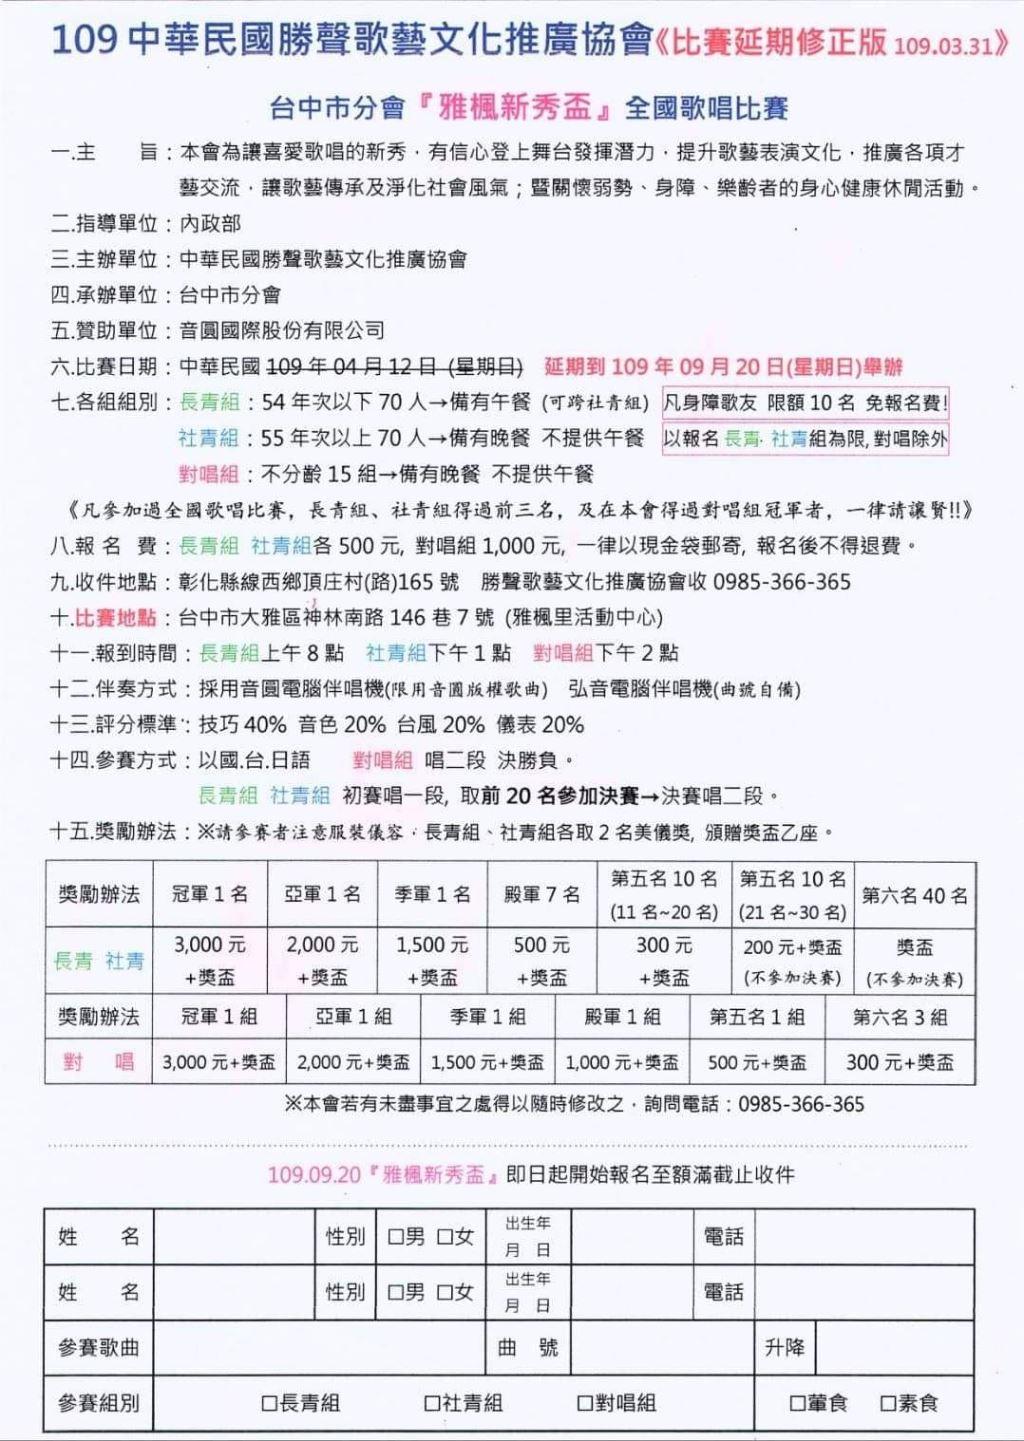 2020年109年中華民國勝聲歌藝文化推廣協會台中市分會雅楓新秀盃全國歌唱比賽